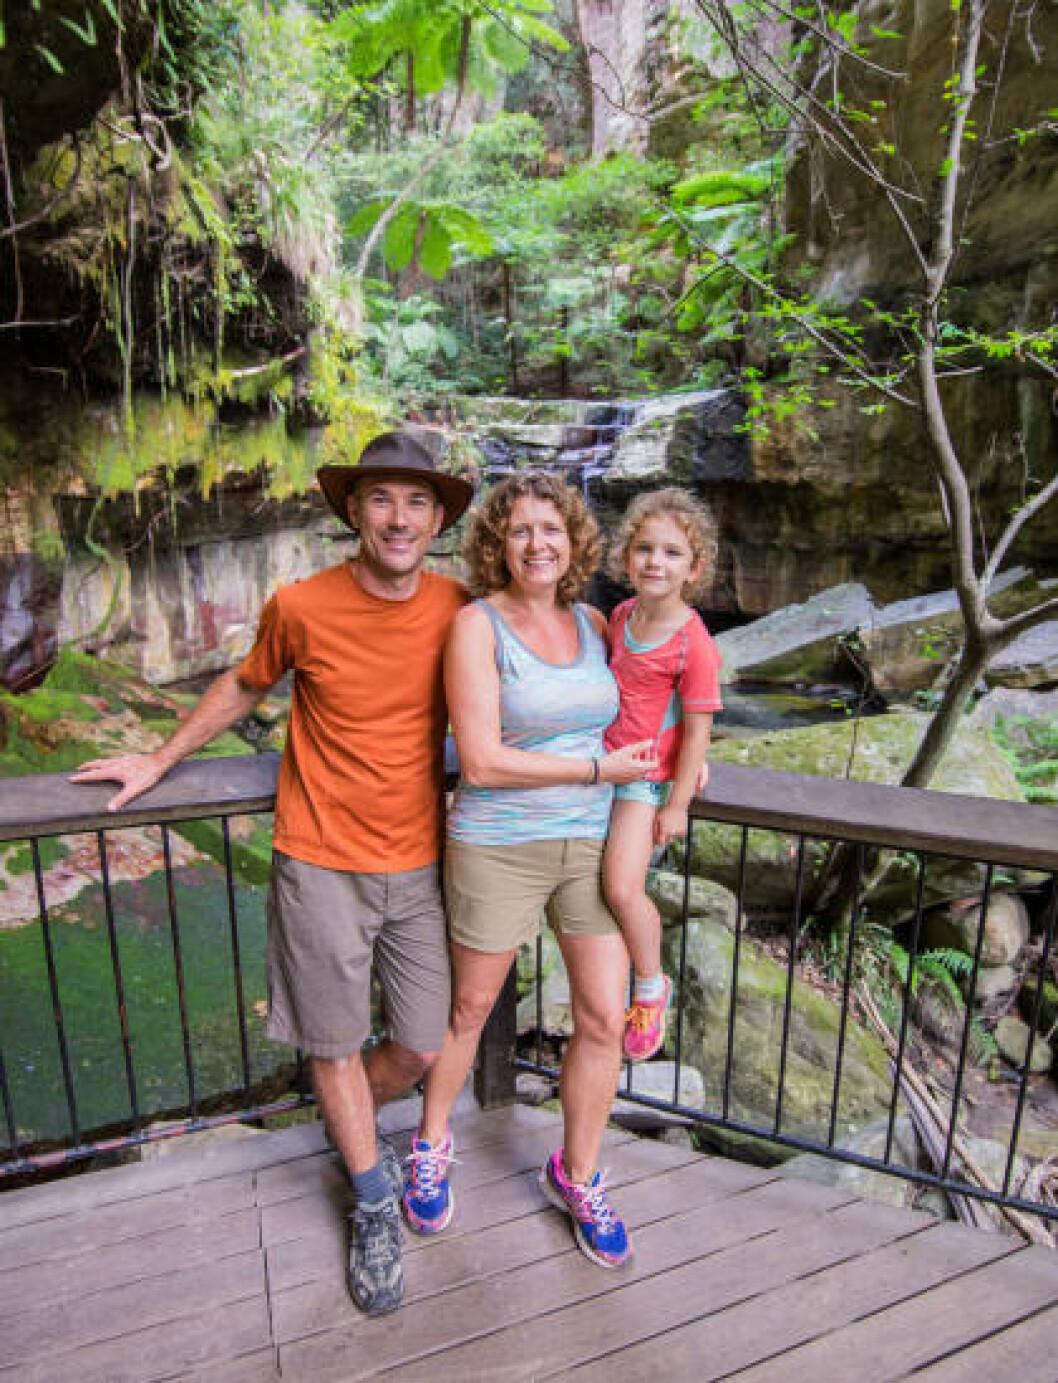 <strong>PÅ TUR:</strong> Andrew Paice er på familietur med kona Nikki og datteren Madison (9). Foto: Andrew Paice/Getty Images